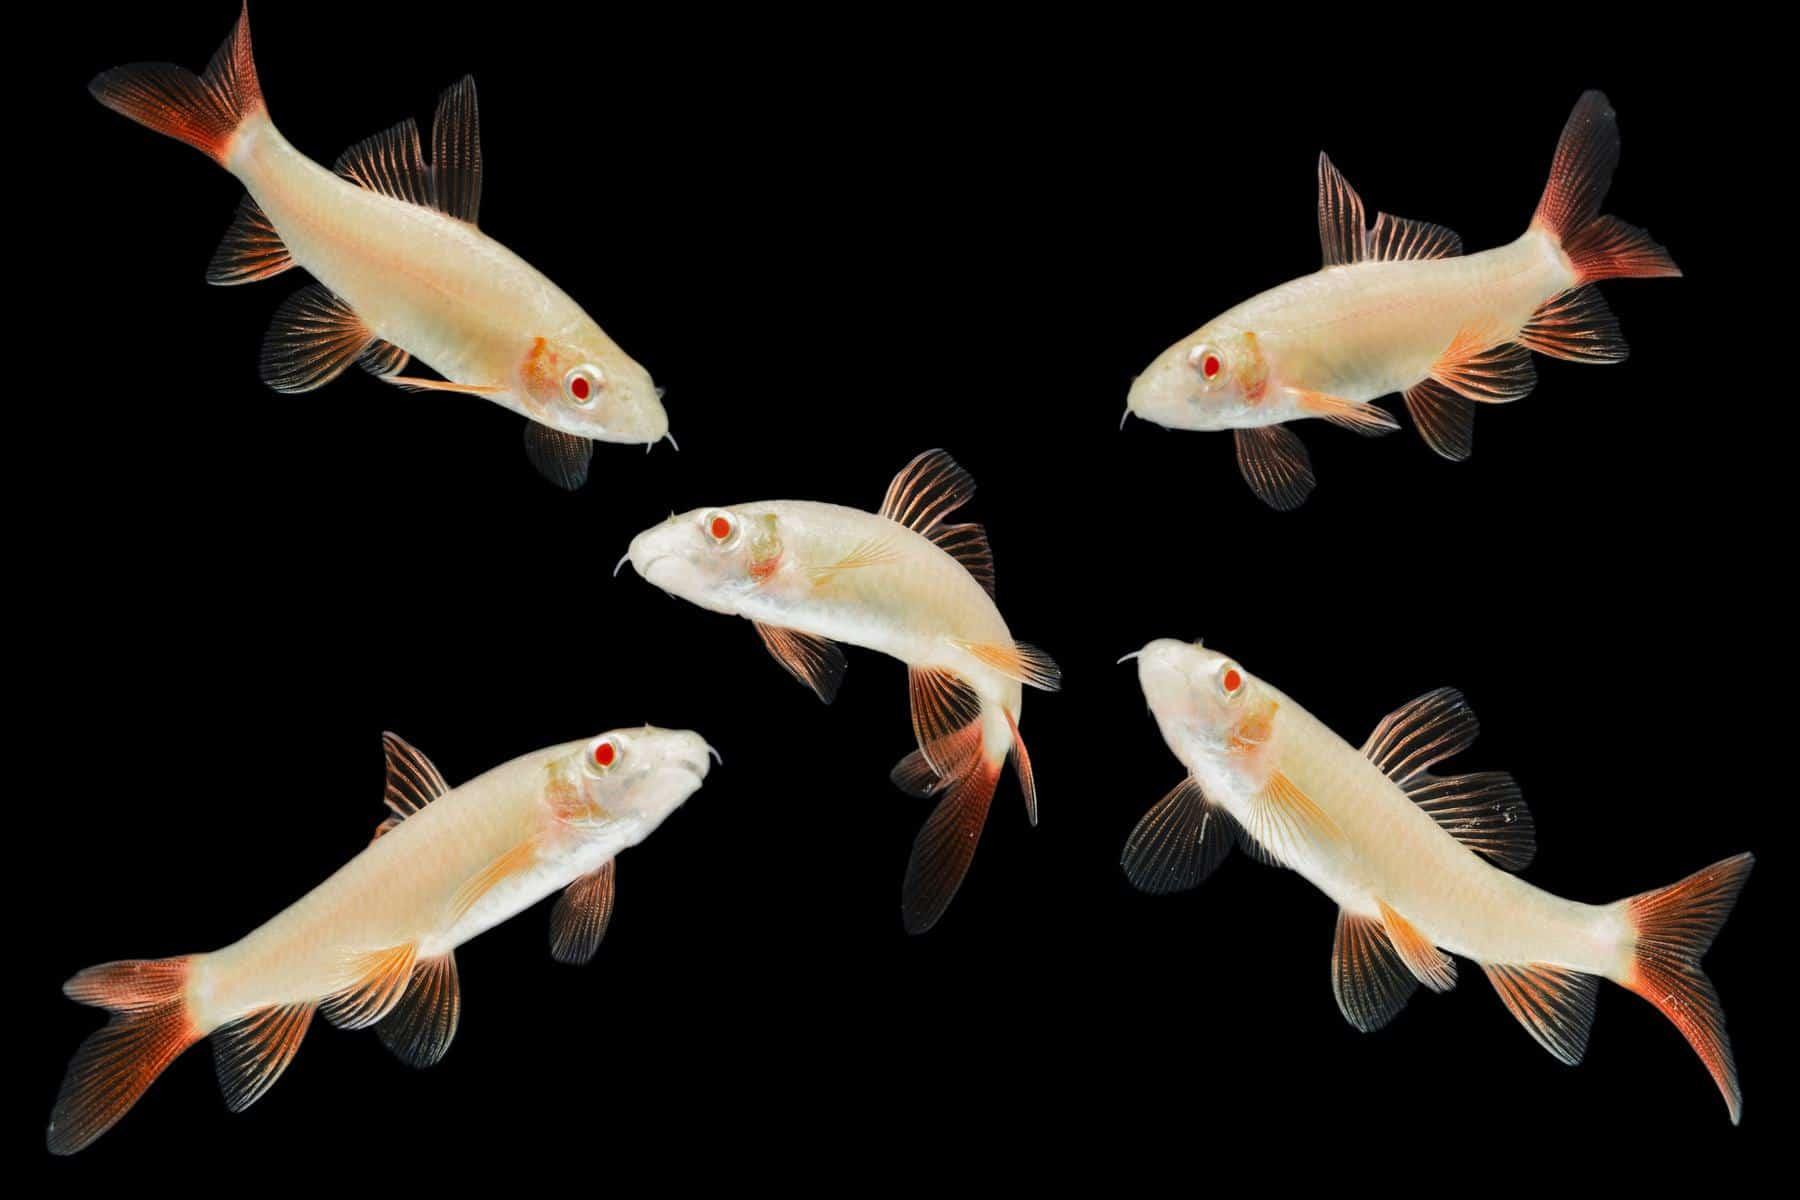 group of albino rainbow shark